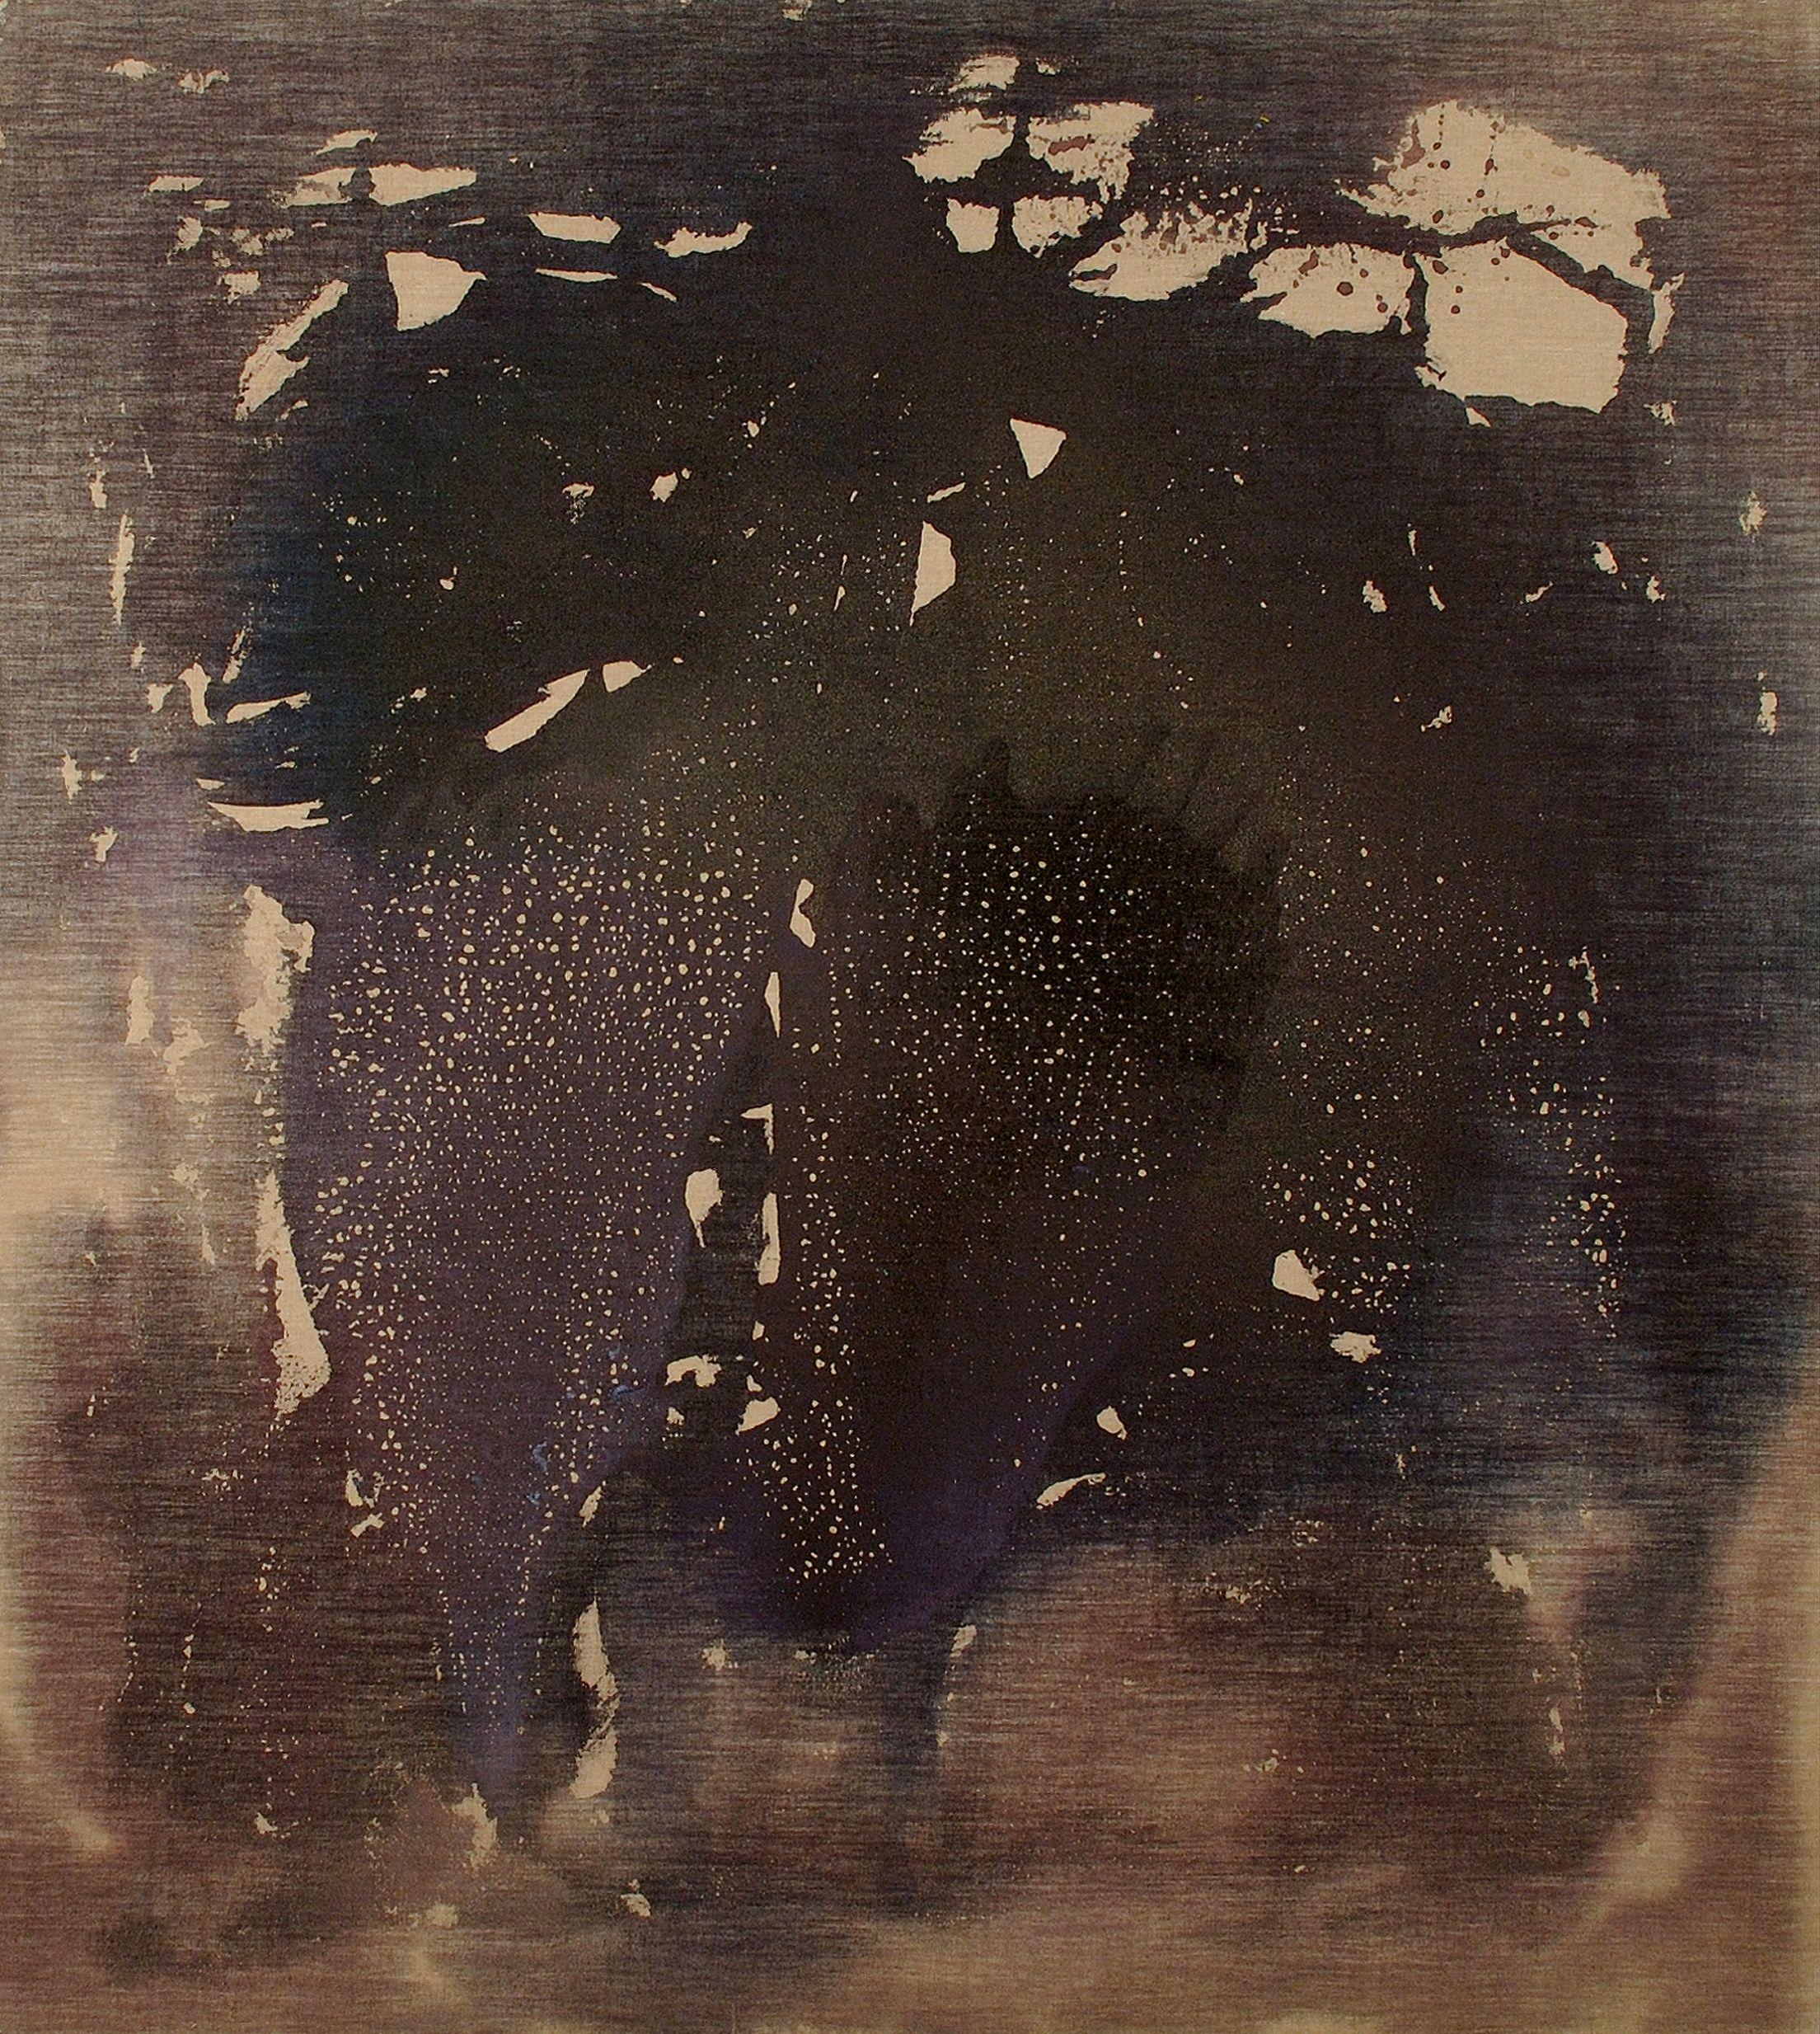 Se l'immagine mi é affidata, 2002, tempera acrilica su tela, cm 200 x 180  Se l'immagine mi é affidata (Accepting the image), 2002, acrylic tempera on canvas, cm 200 x 180